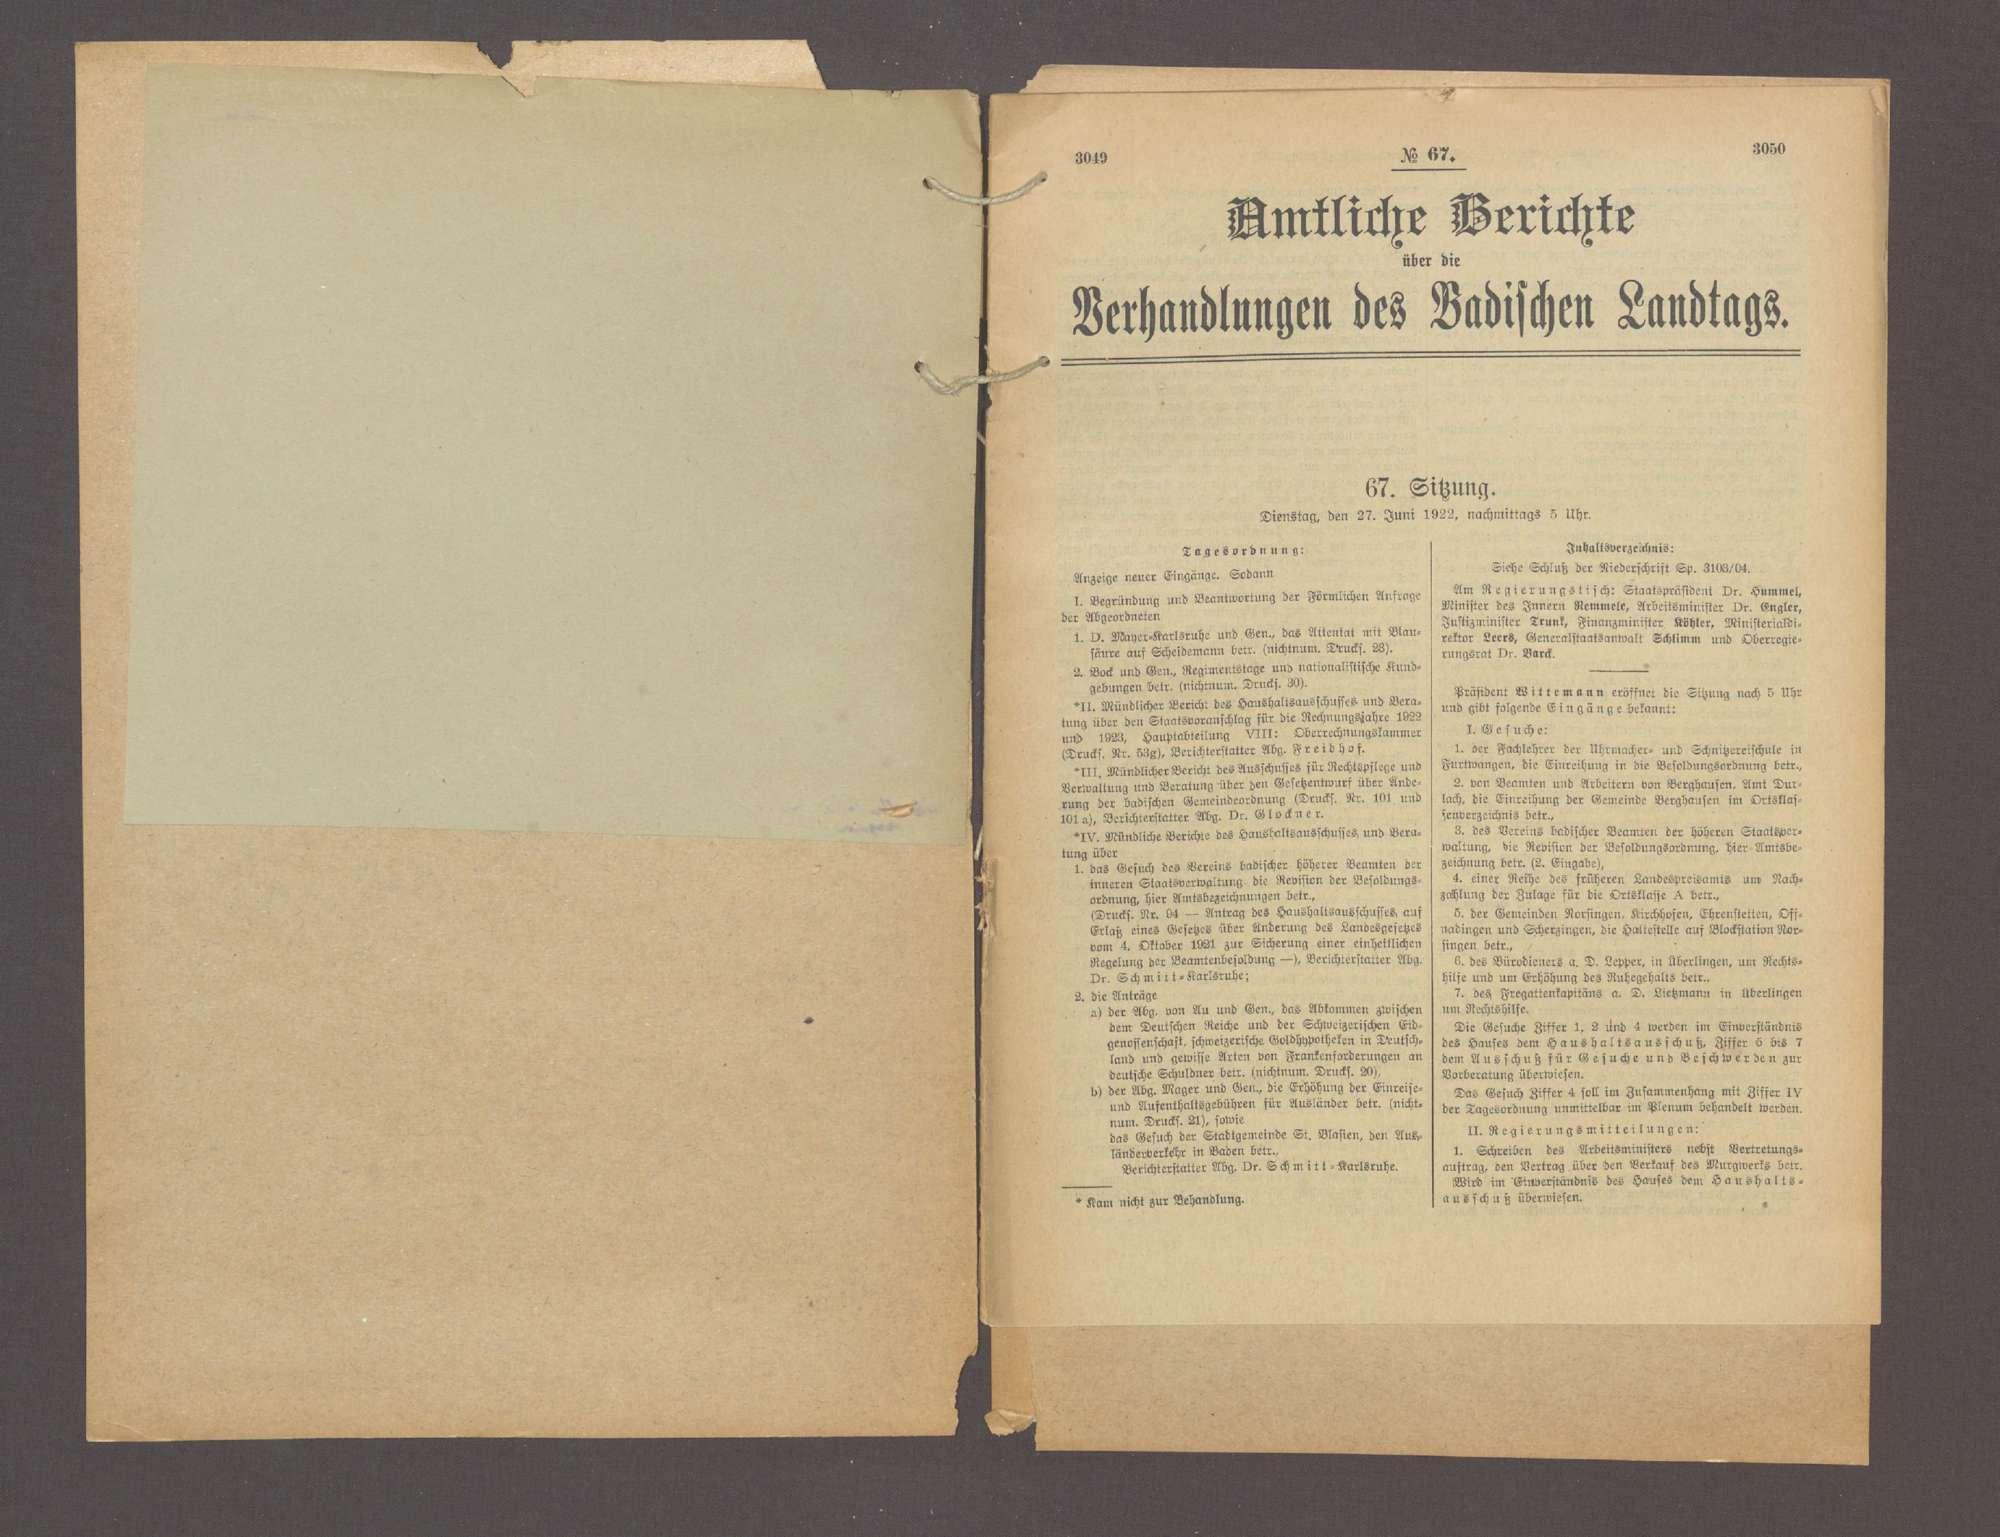 Antrag der Abg. Marum, Dr. Glockner und Dr. Schofer, den Schutz der Republik, der Verfassung und Aufrechterhaltung der staatl. Ordnung betr., Bild 3